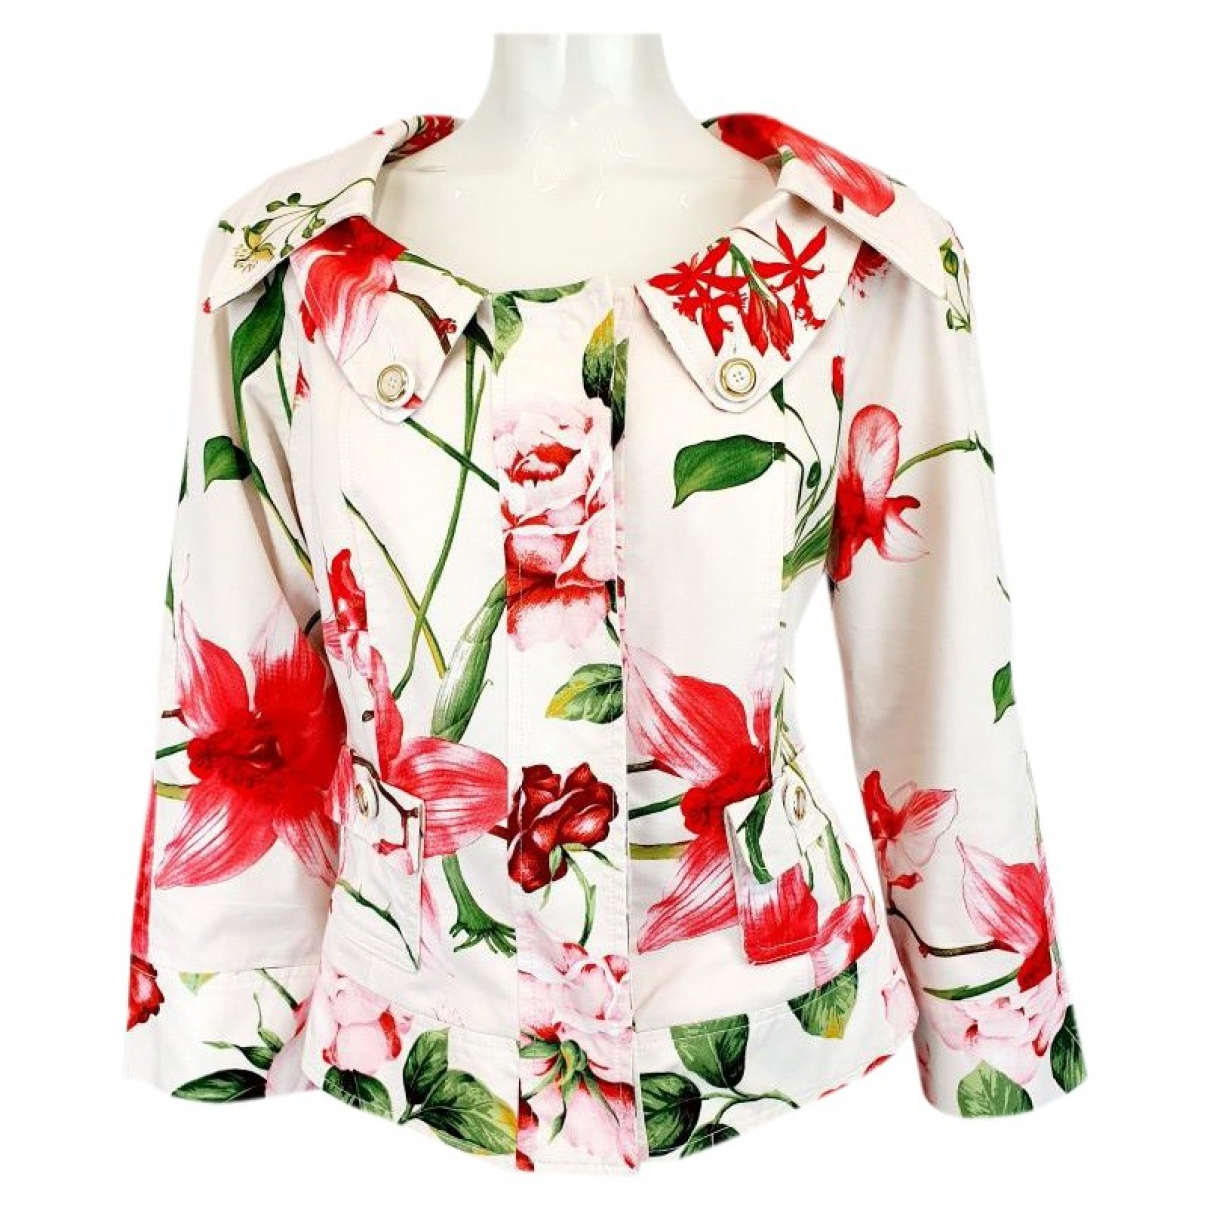 D&g - Manteau   pour femme en coton - multicolore